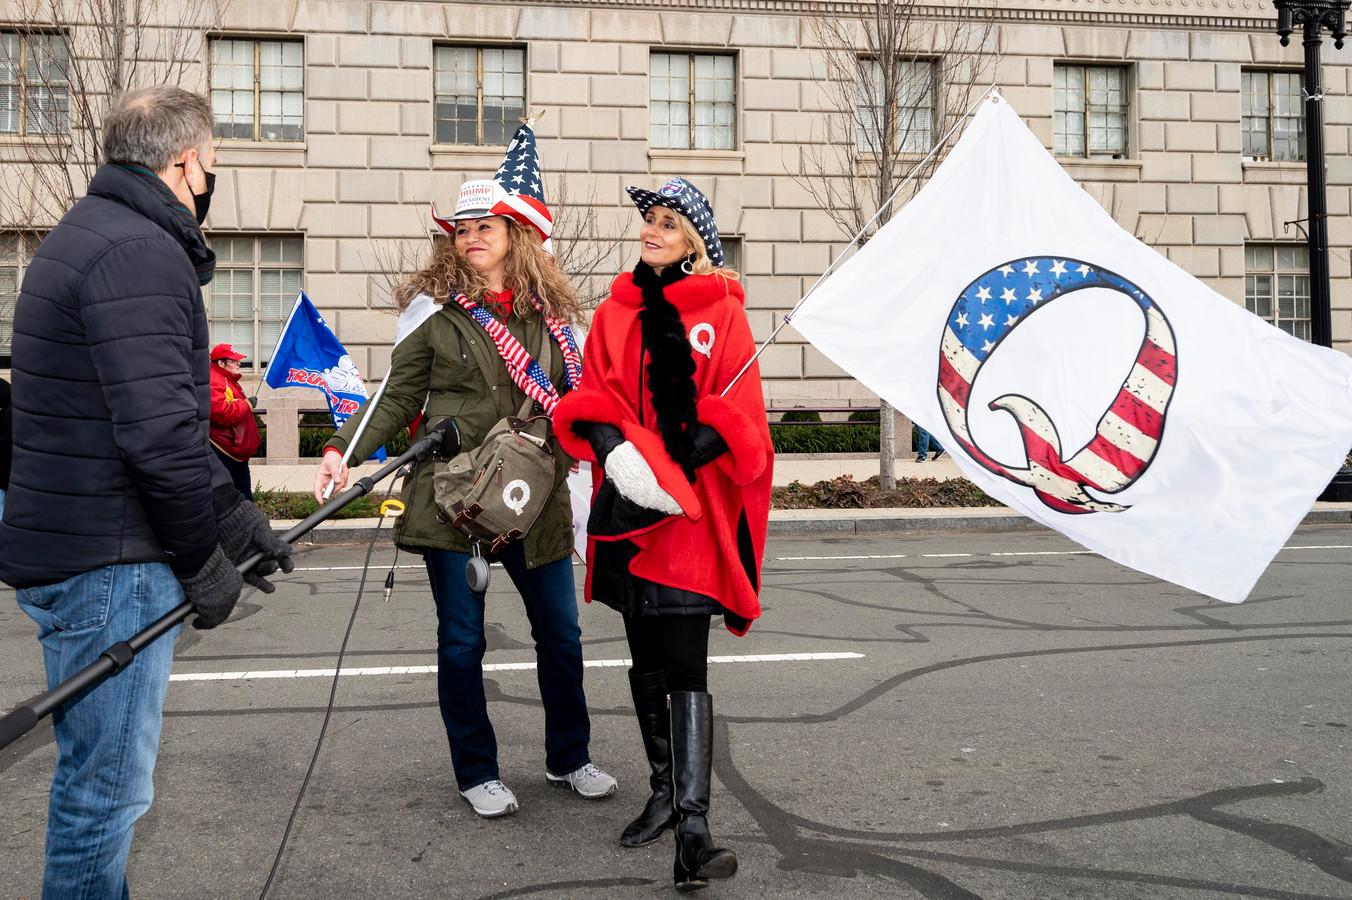 Een demonstrant met een vlag van de extreemrechtse complotgroep  QAnon.